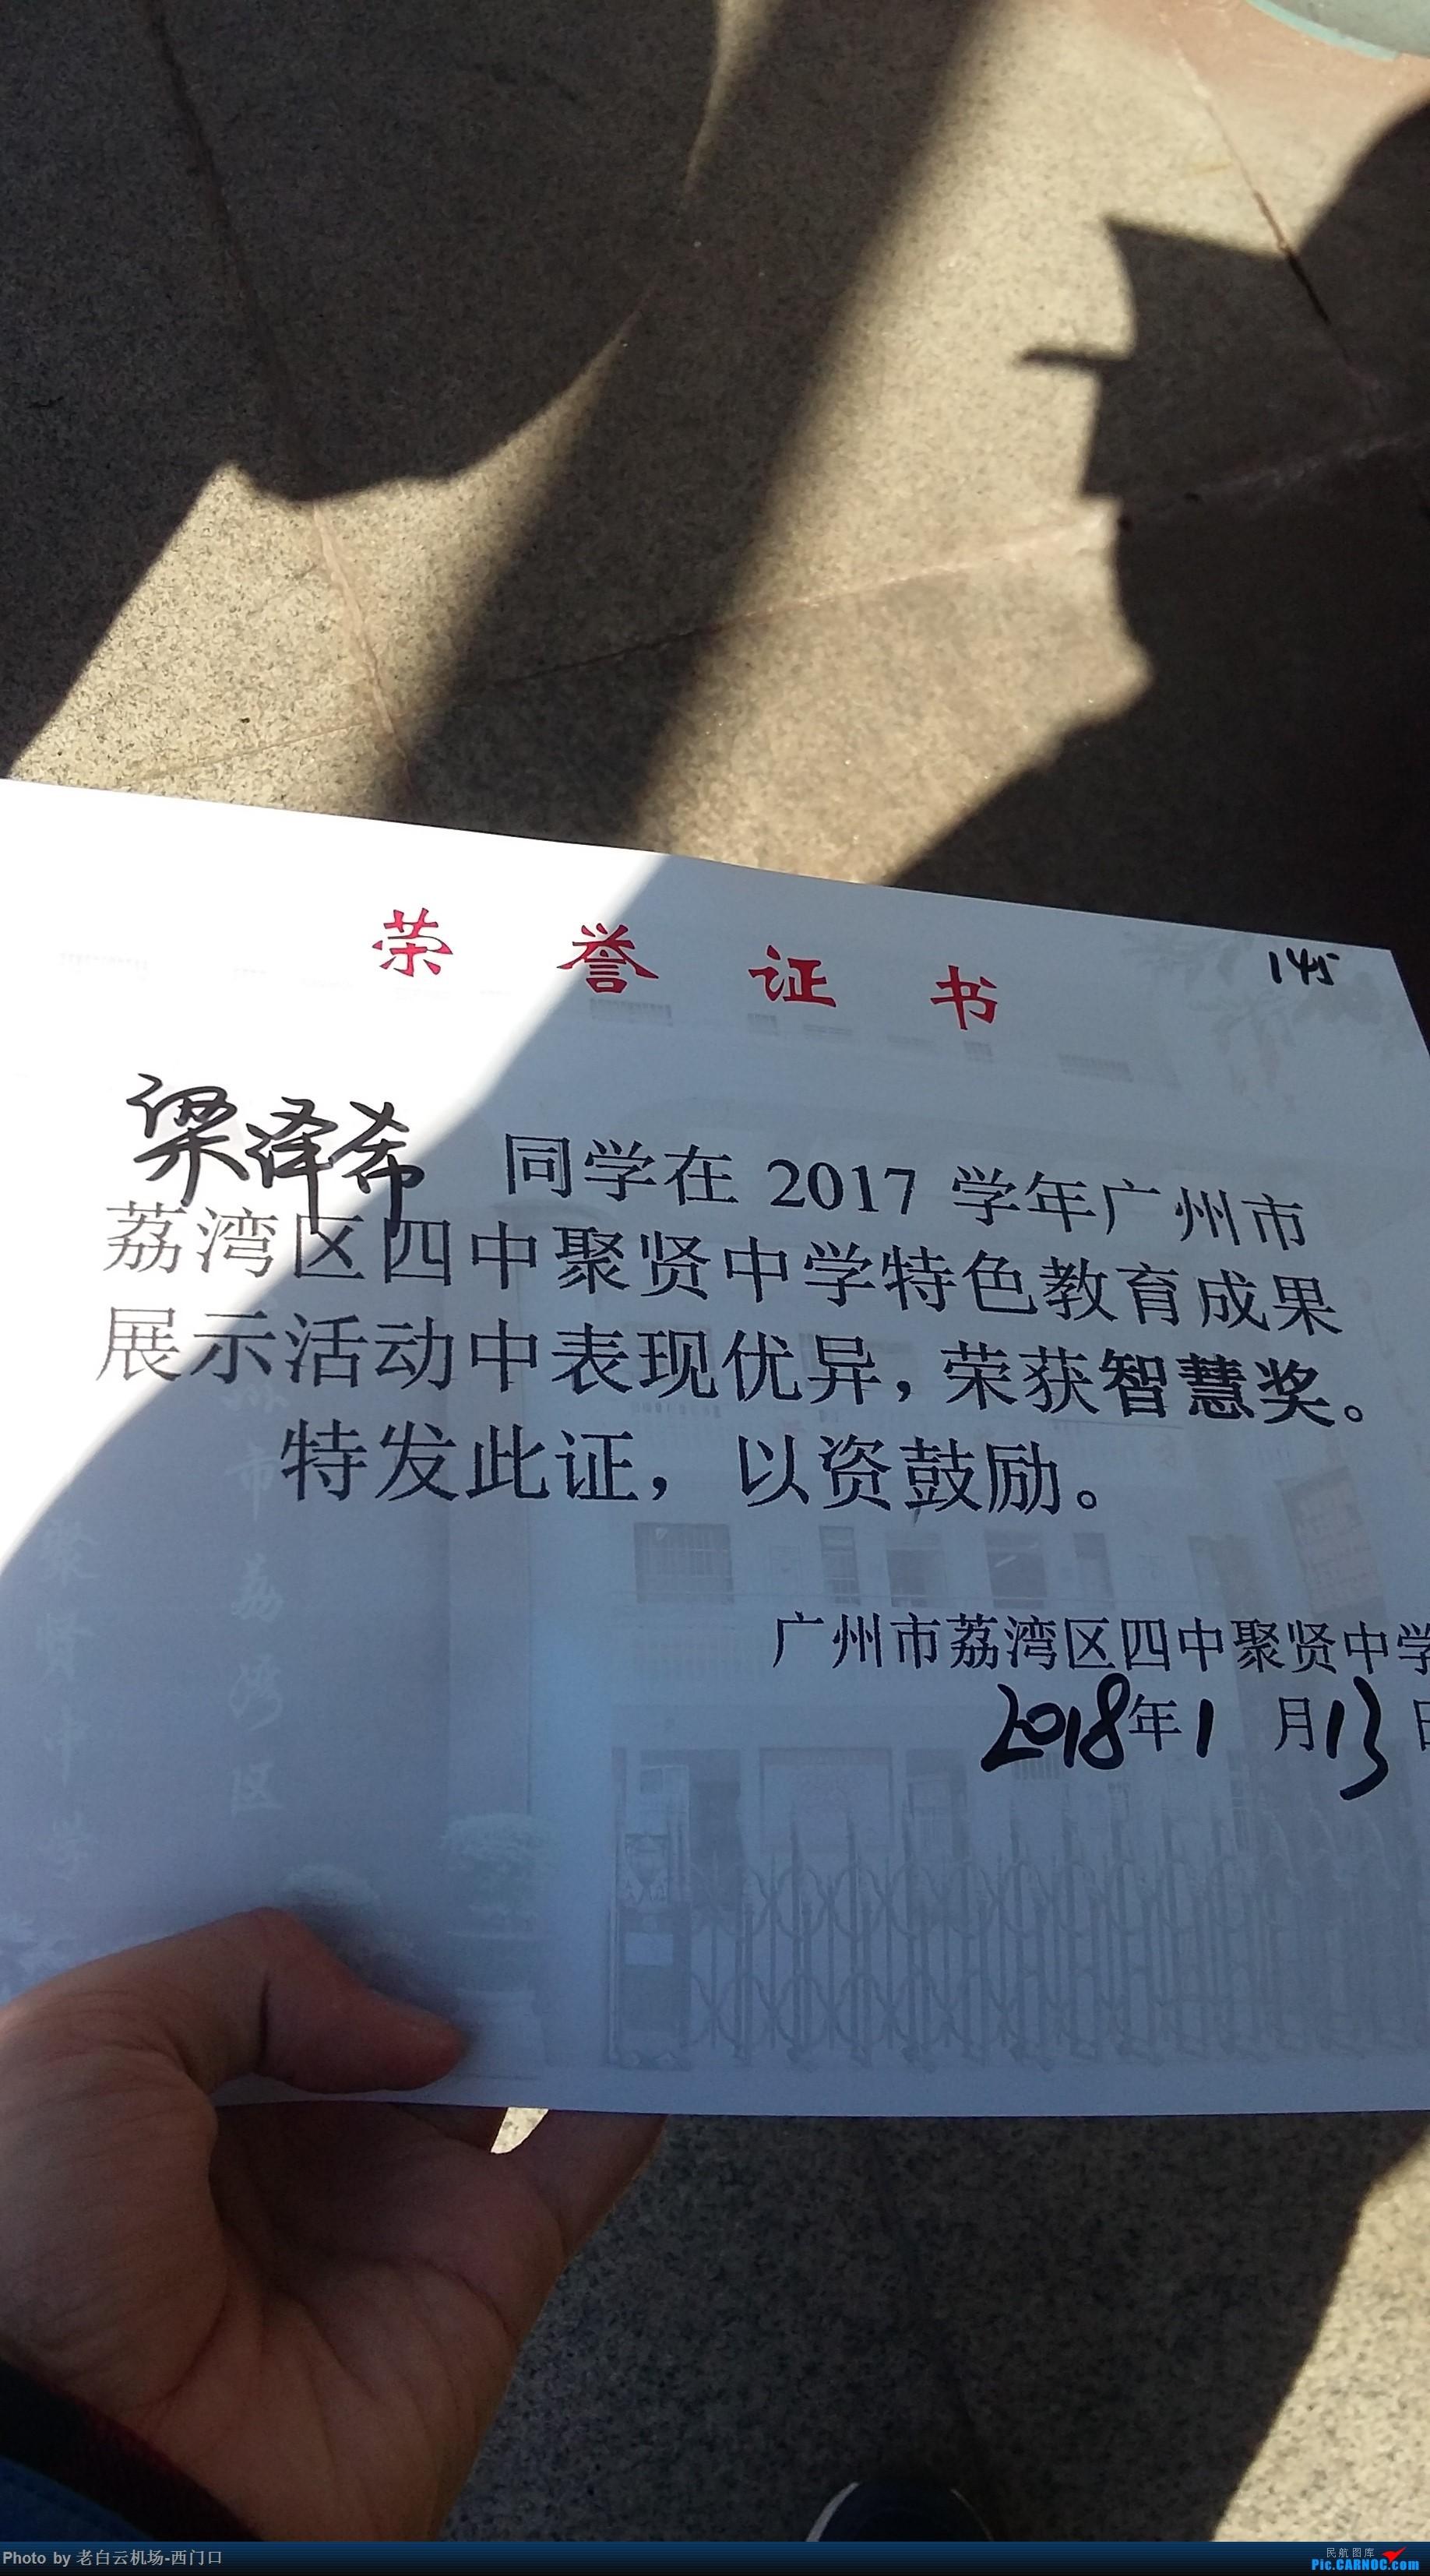 Re:[原创]【梁泽希拍机故事2】2018年第一次拍机